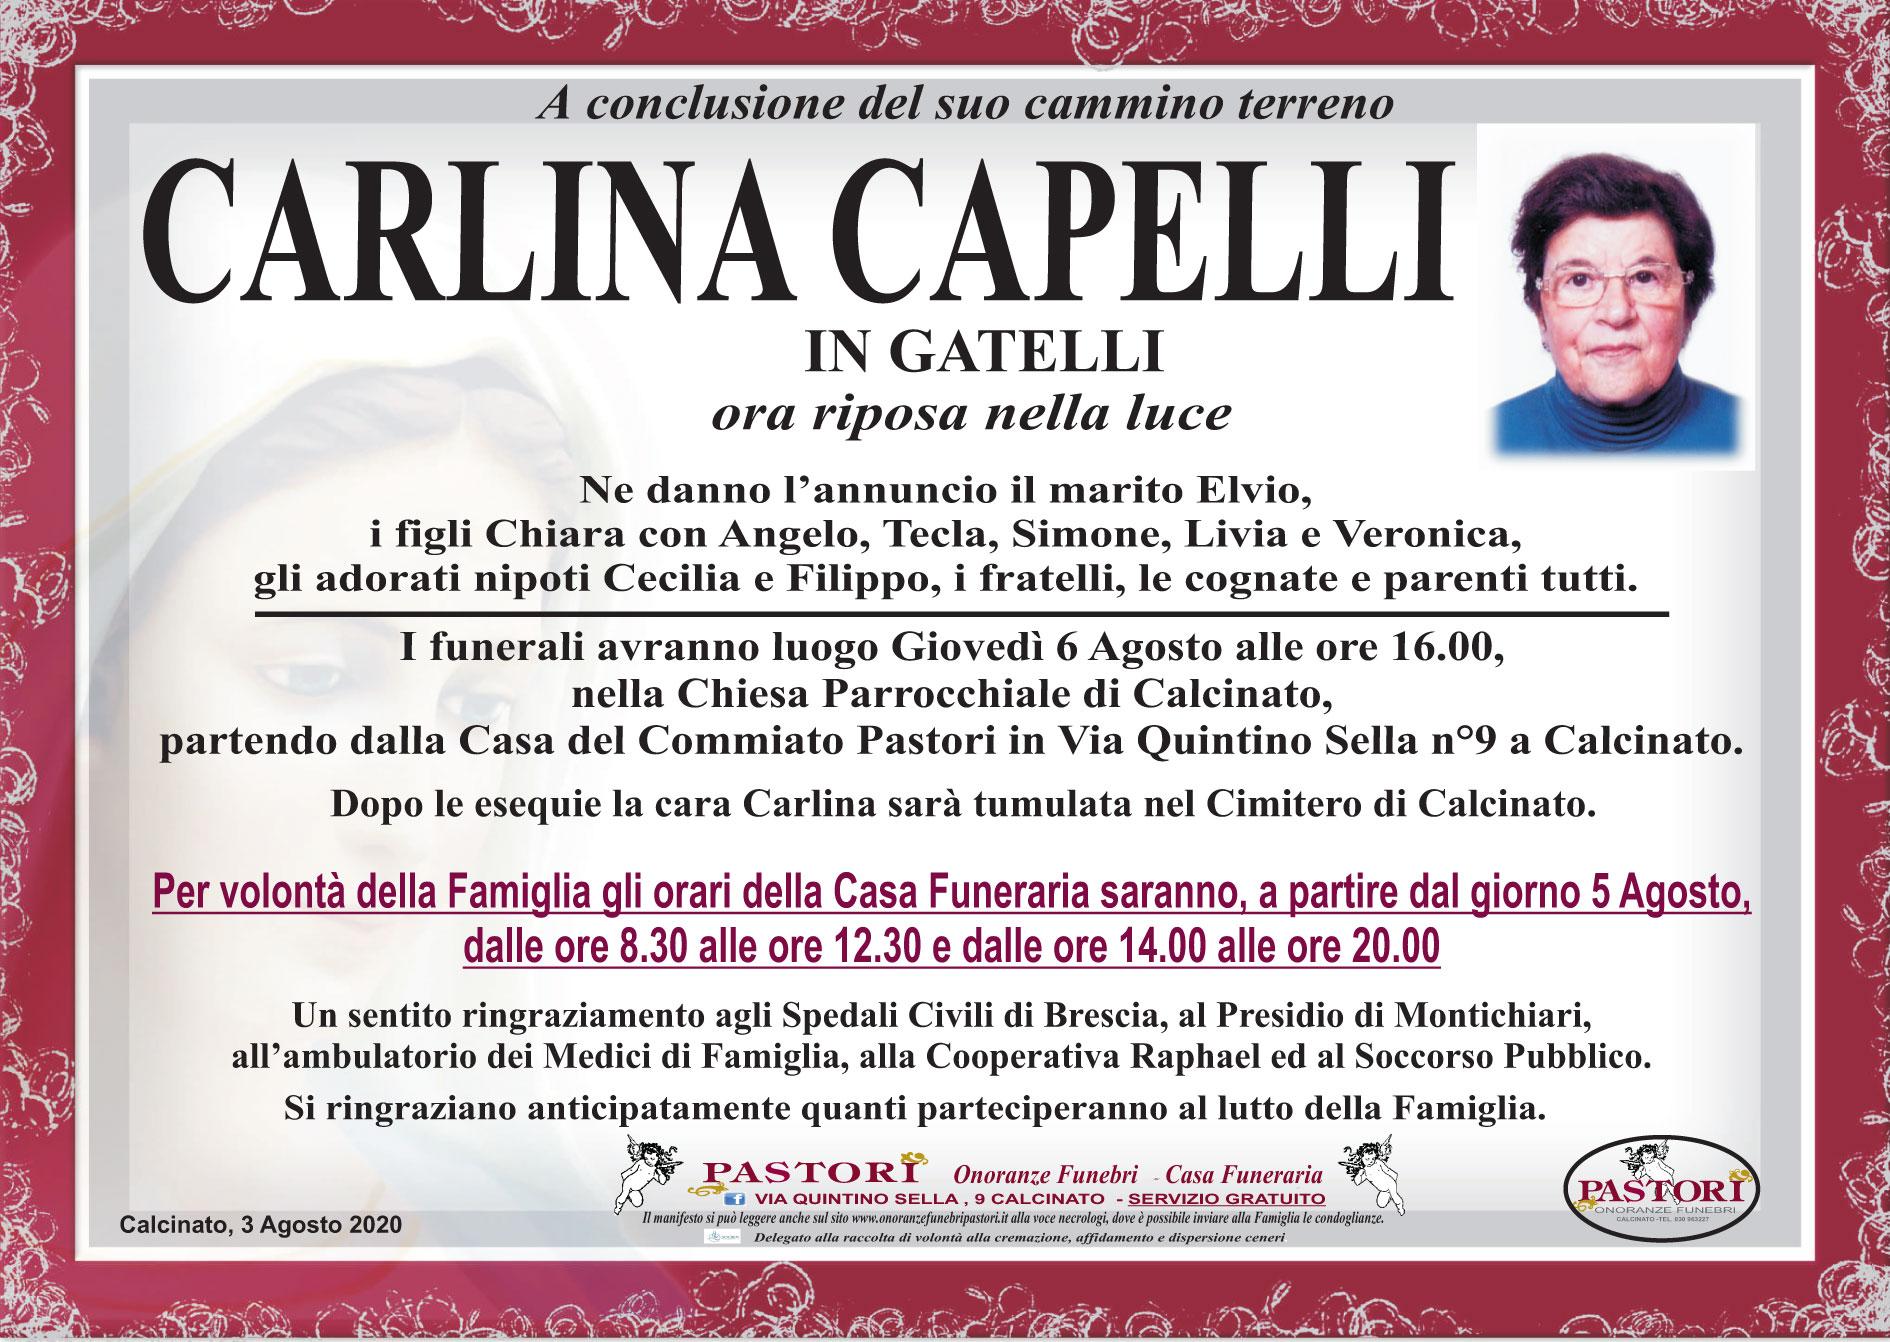 Carlina Capelli